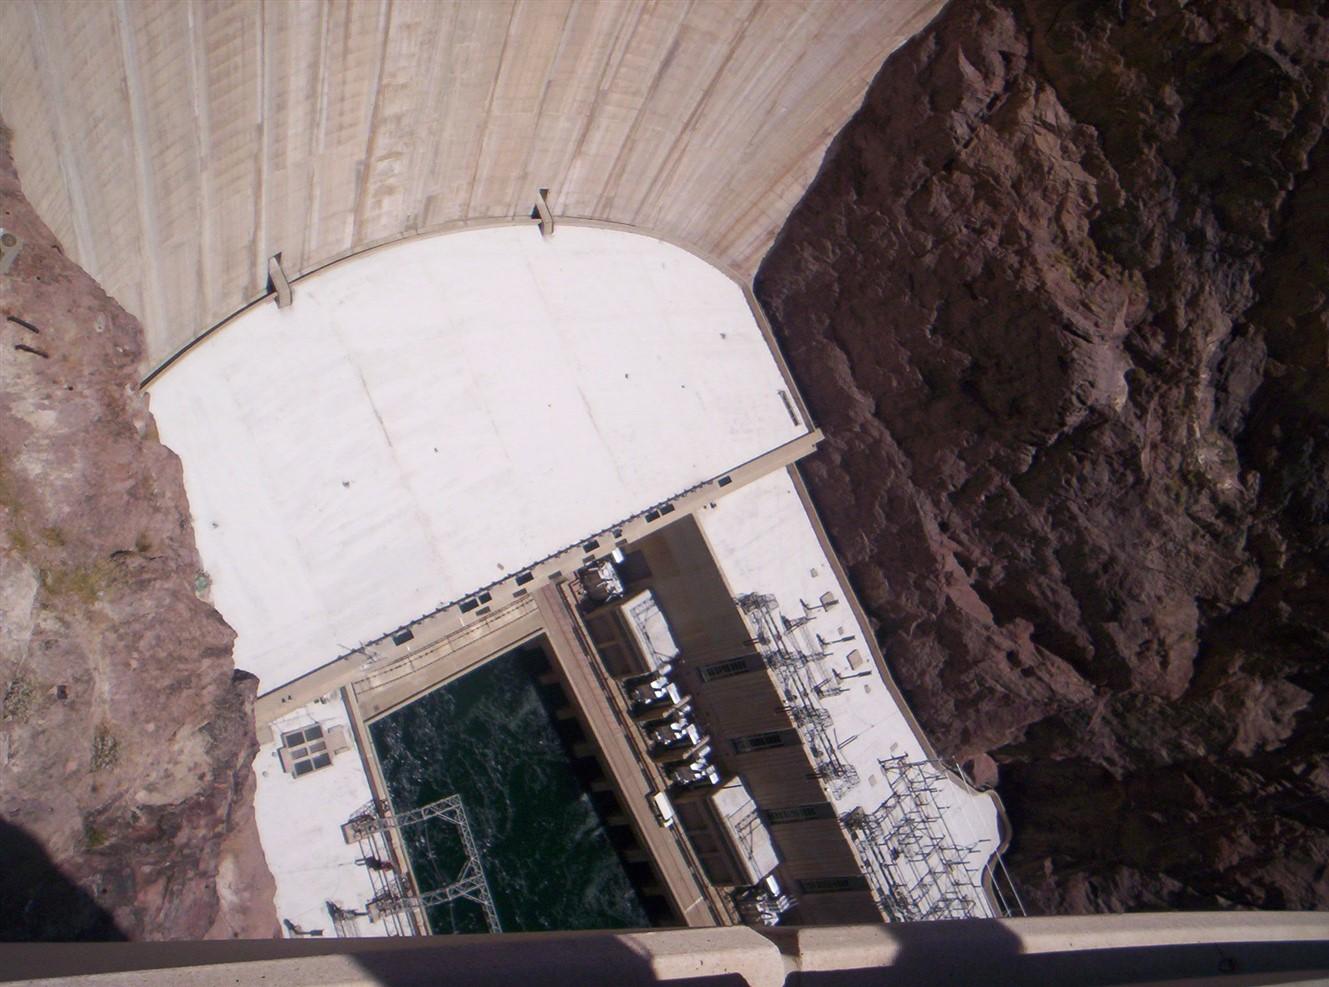 2005 06 27 Hoover Dam 17.jpg